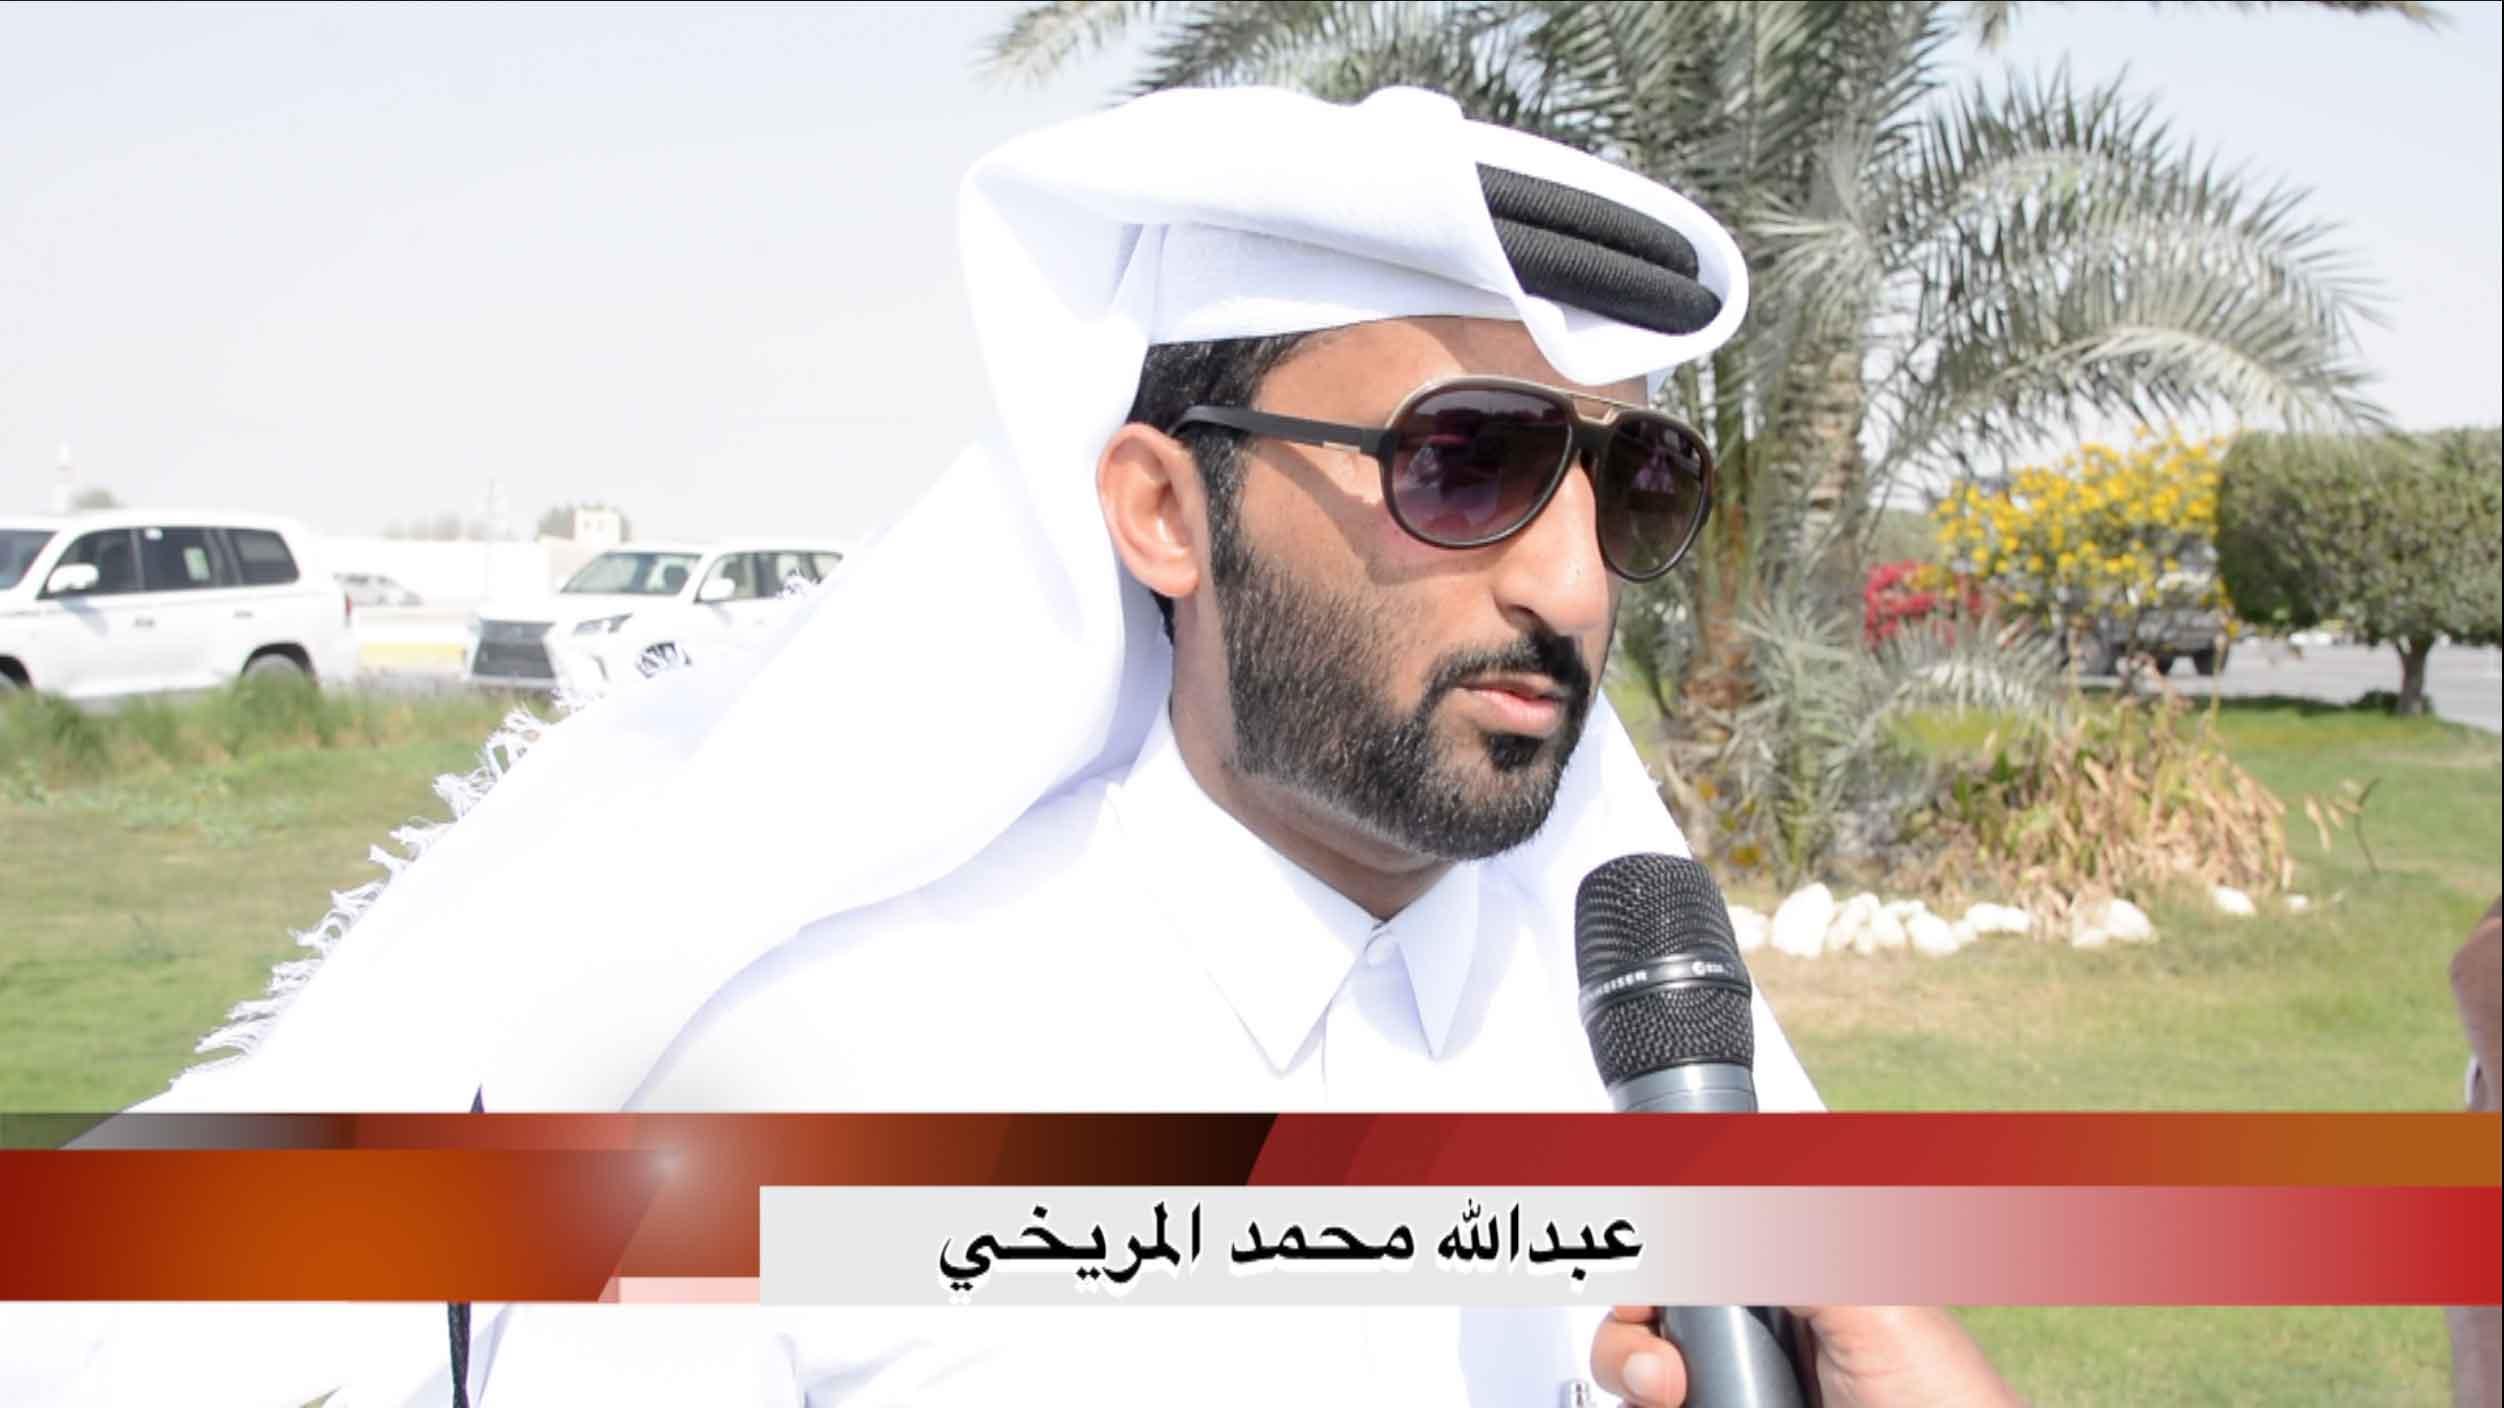 لقاء مع عبدالله محمد المريخي.. الشوط الرئيسي للثنايا قعدان « مفتوح » الأشواط العامة  ٥-٣-٢٠٢١